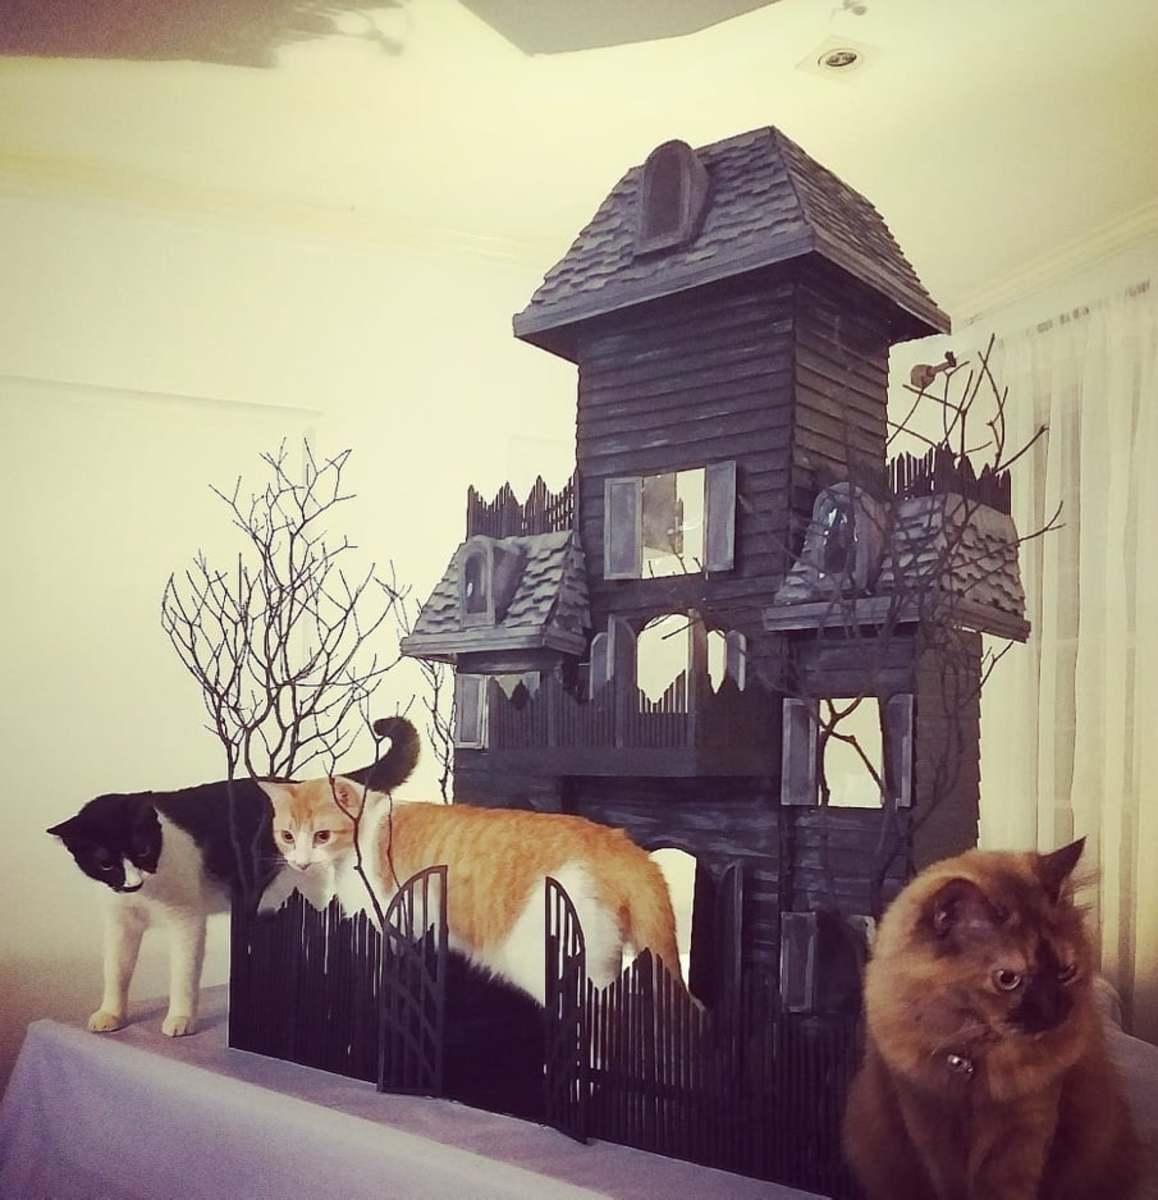 The Kitty Creepy Manor